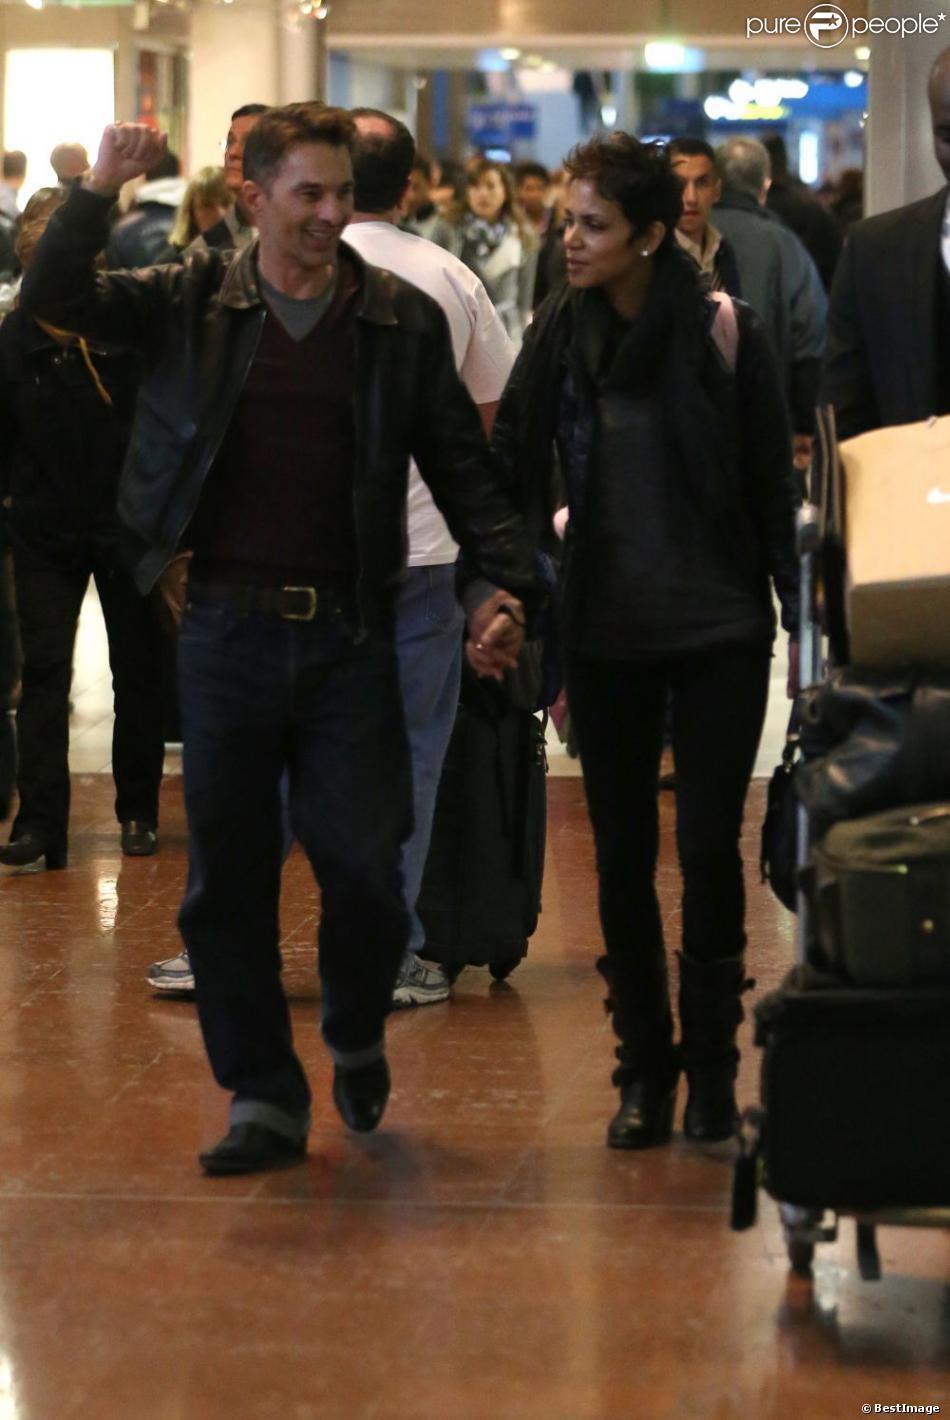 Halle Berry et Olivier Martinez : Les amoureux arrivent a l'aéroport de Roissy Charles De Gaulle, le 22 décembre 2012, à Paris. Halle Berry va passer Noel dans la famille d' Olivier Martinez sans sa fille Nahla qui est restée aux Etats-Unis avec son père Gabriel Aubry.